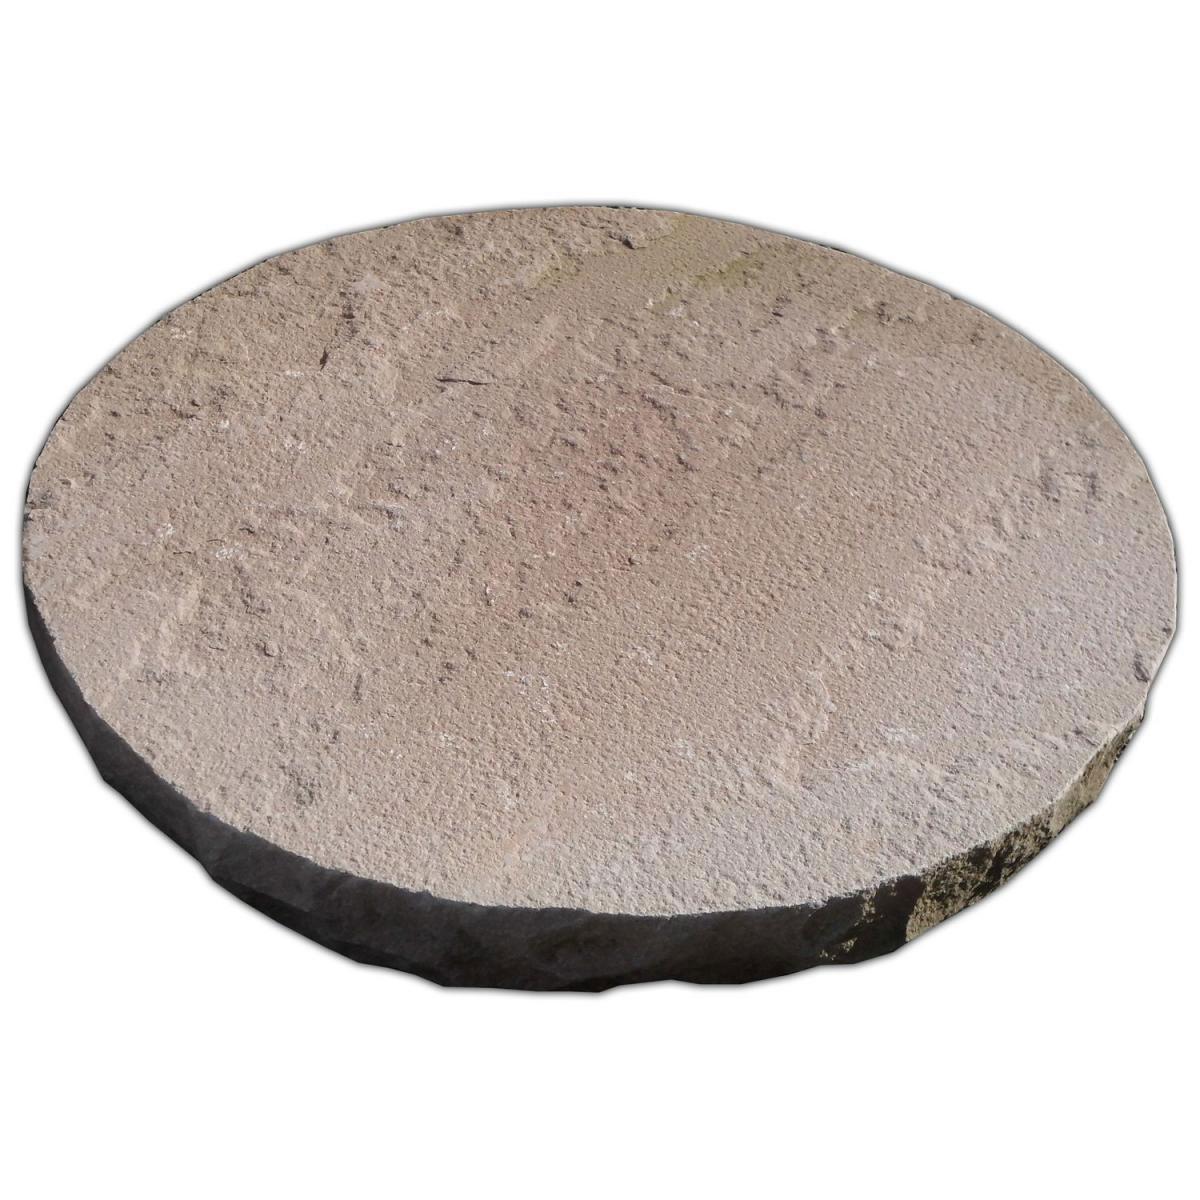 Wingart Trittstein Sandstein Modak, Durchmesser 30 cm